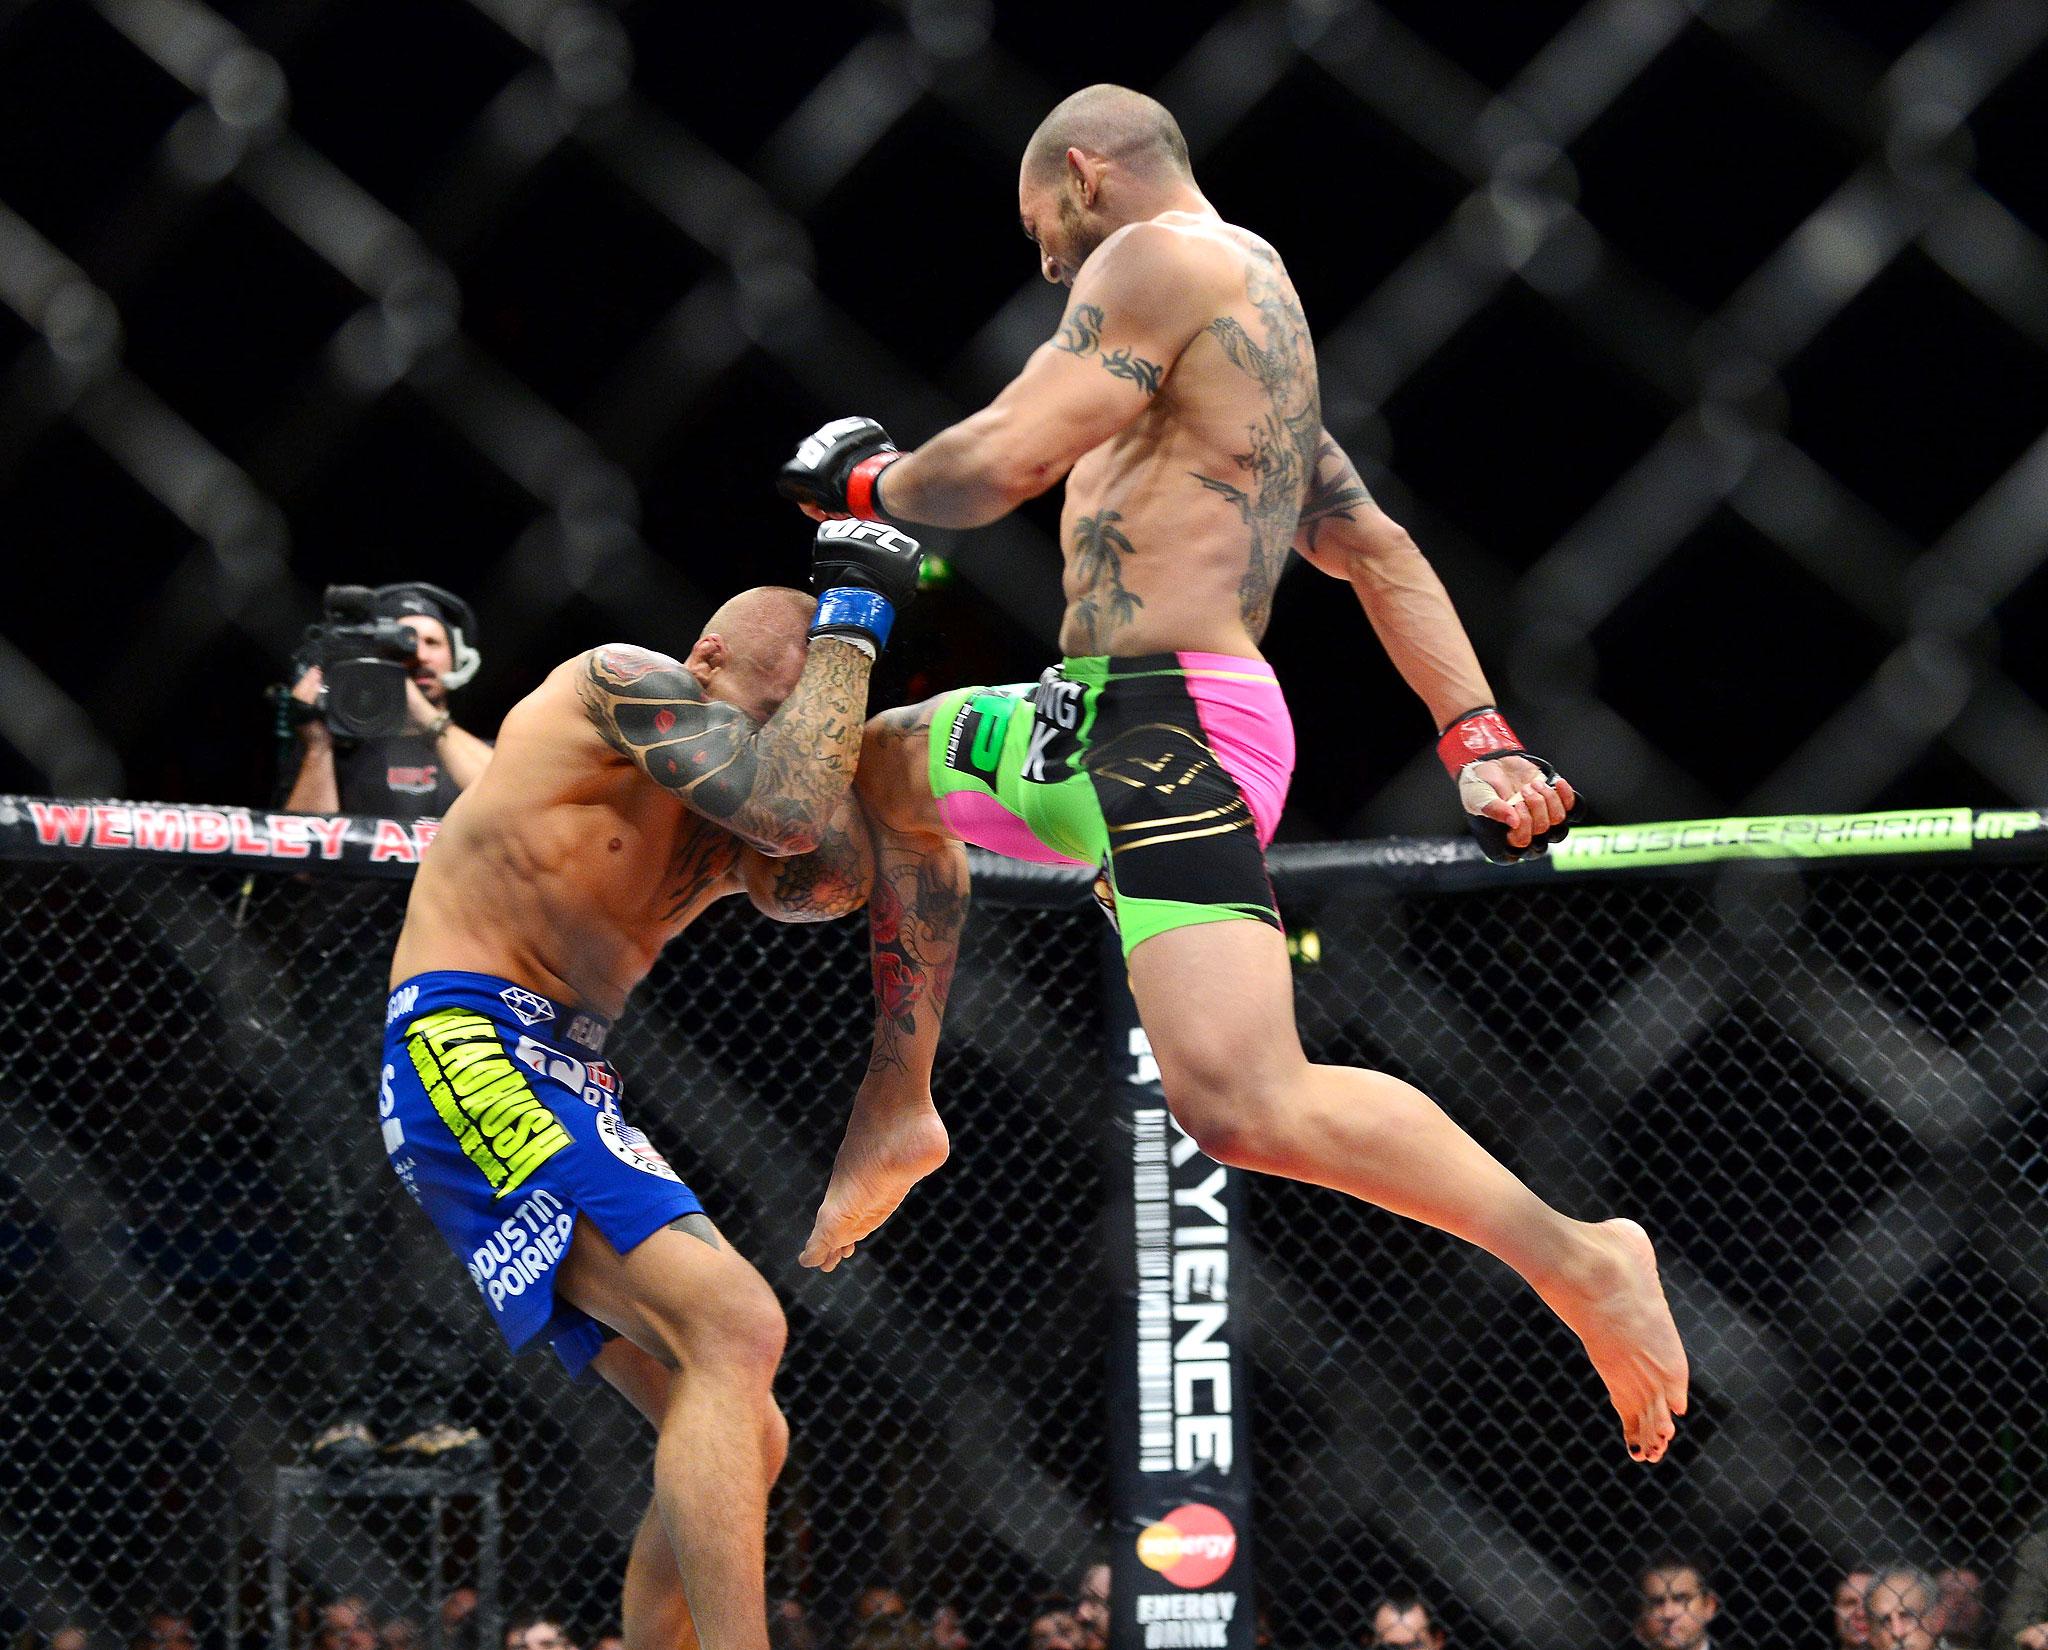 Cub Swanson v Dustin Poirier - UFC on Fuel 7 - ESPN